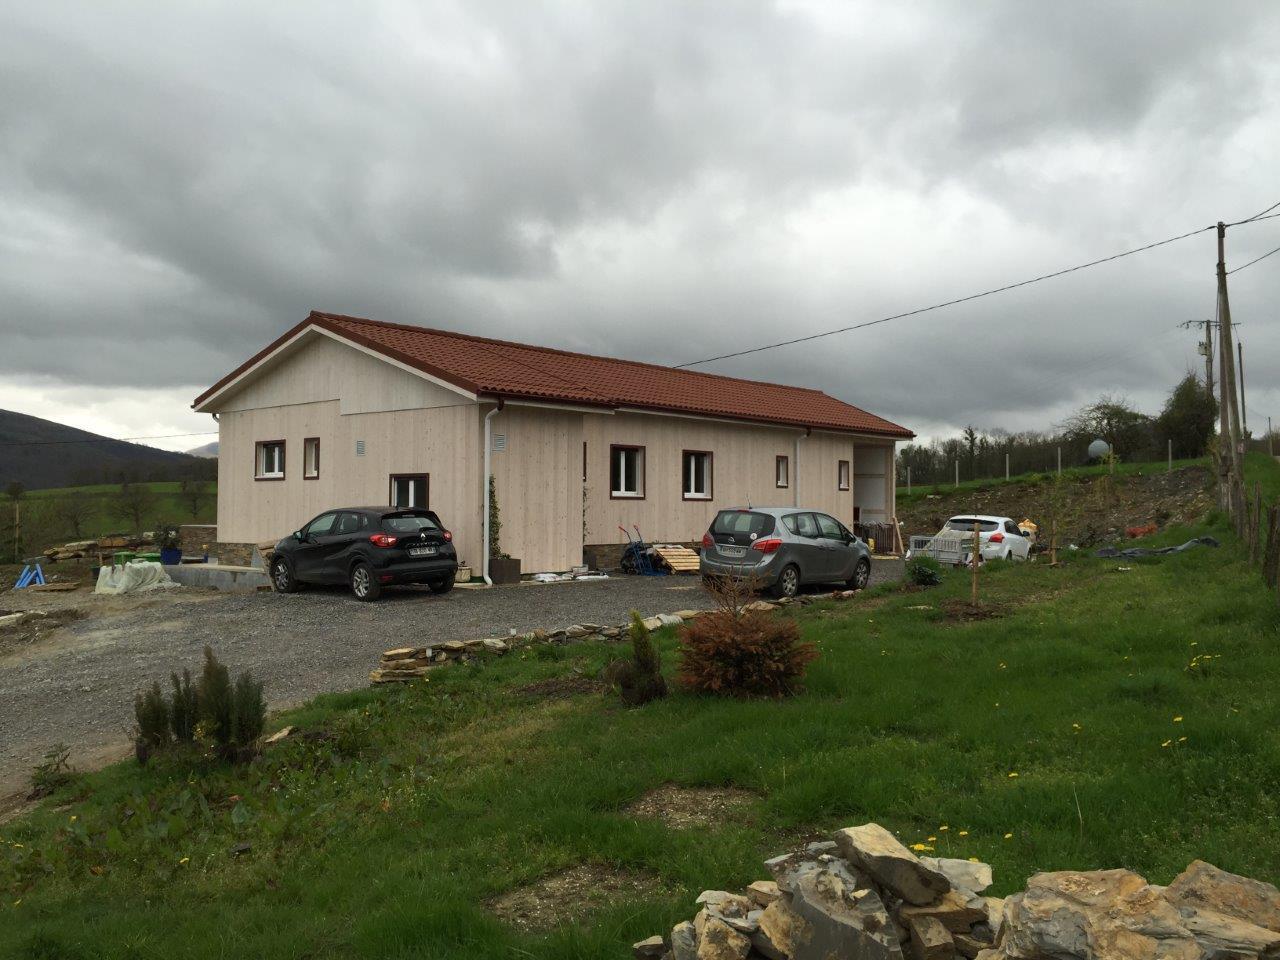 Visita a la Casa de Madera Modular en el País Vasco francés